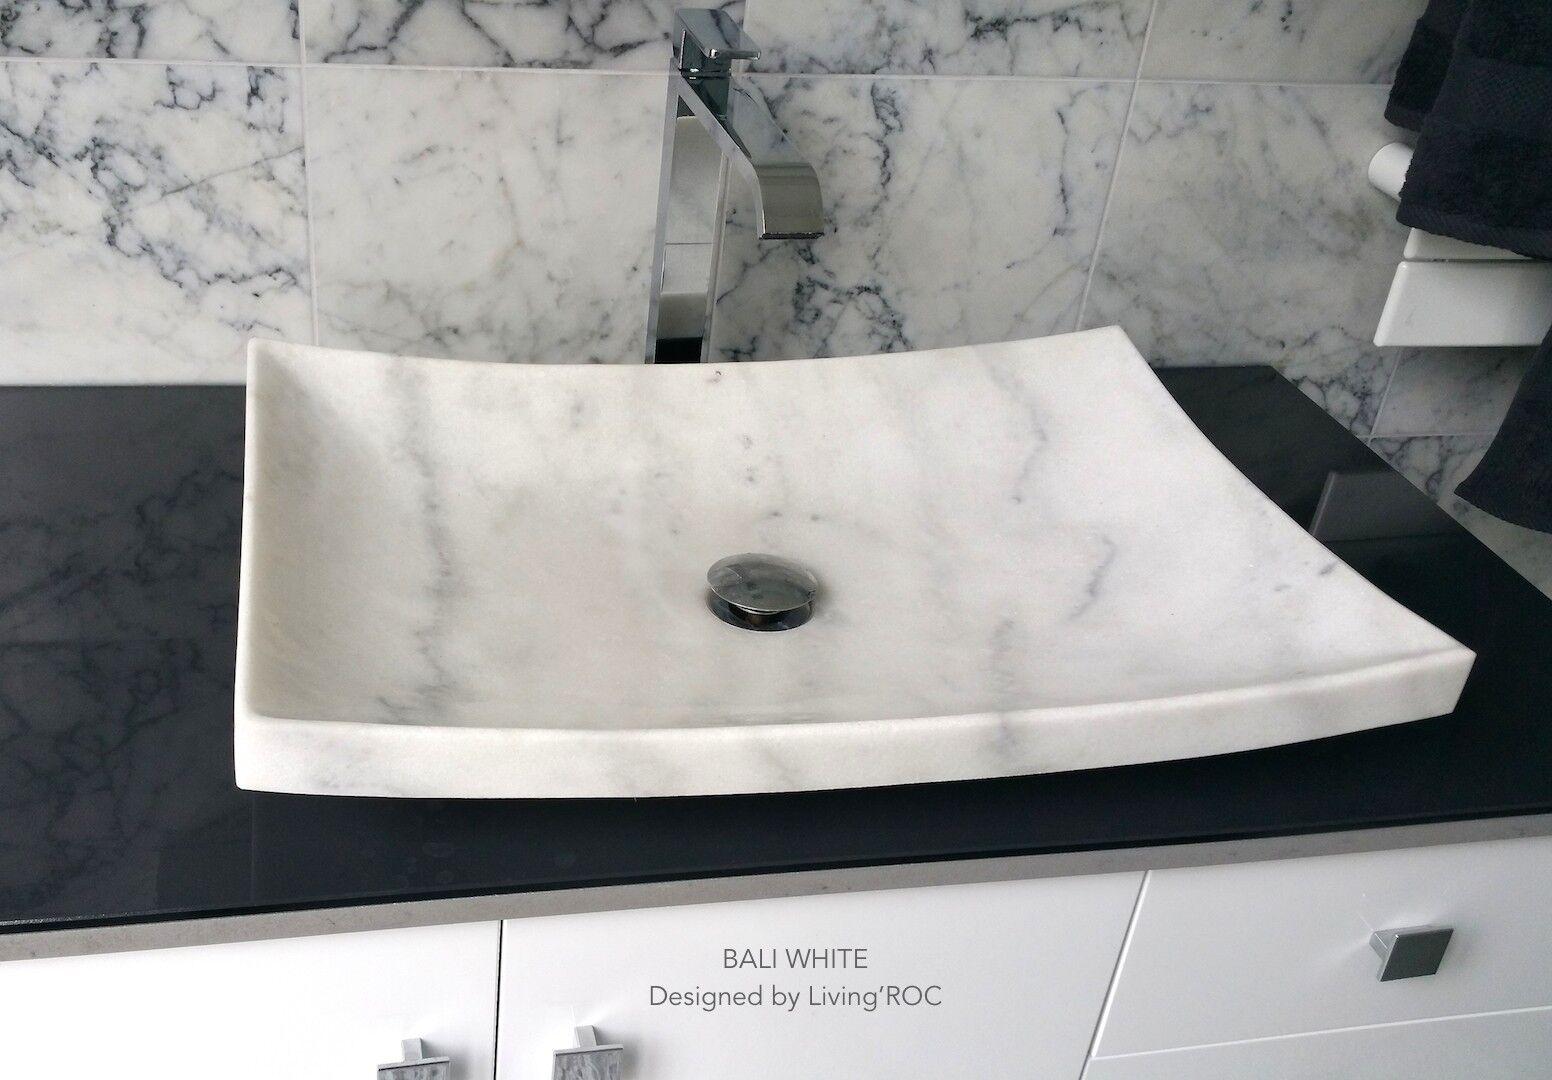 LivingRoc Vasque en pierre marbre Blanc salle de bain à poser BALI WHITE